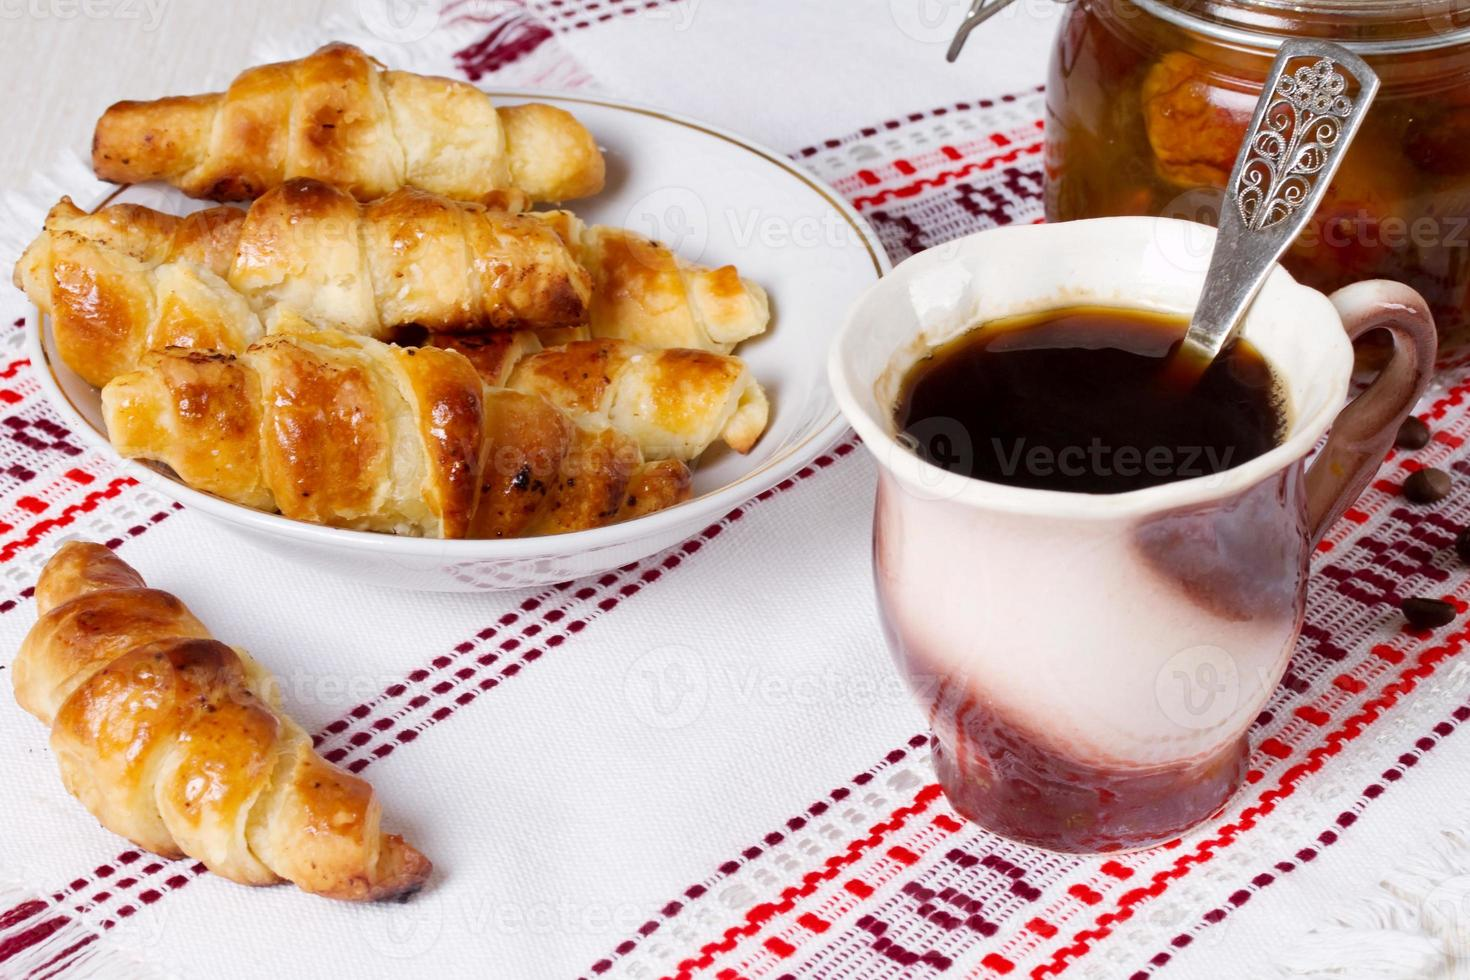 Frans ontbijt - koffie en croissants foto